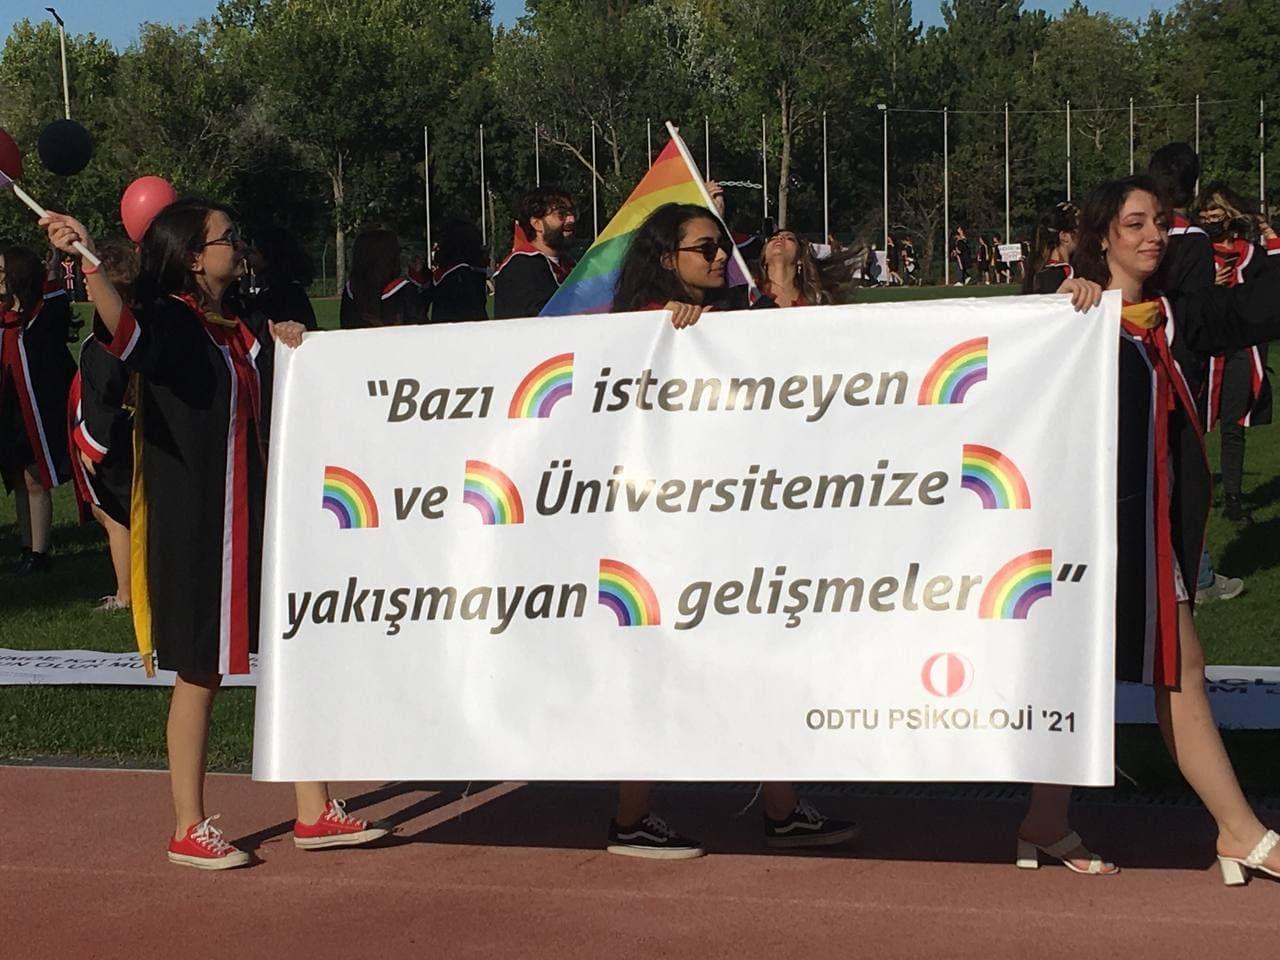 ODTÜ mezuniyet törenine pankartlar damga vurdu! ODTÜ'lü gençlerden Erdoğan ve AK Parti'ye ince mesajlar! - Sayfa:1